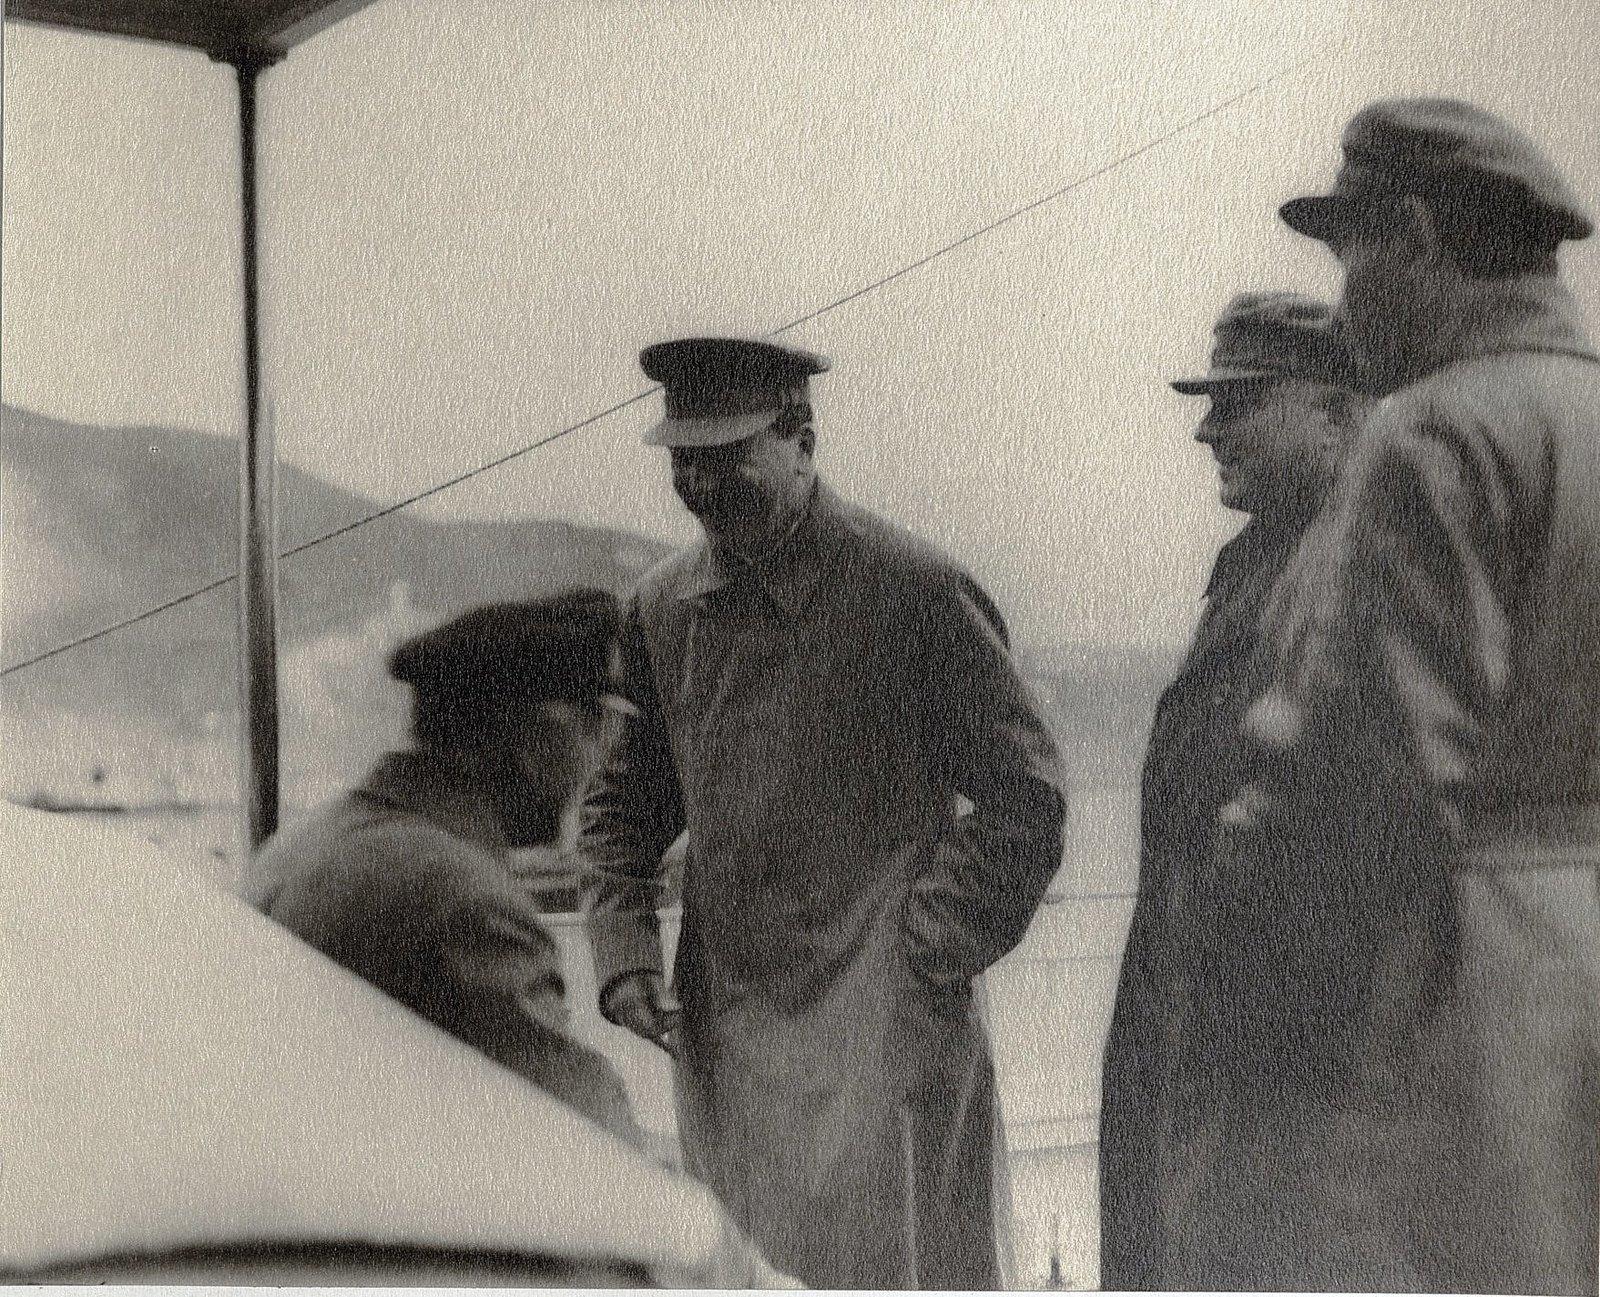 39. И.В. Сталин, К.Е. Ворошилов, Н.С. Власик, К.В. Паукер на теплоходе. Август 1933